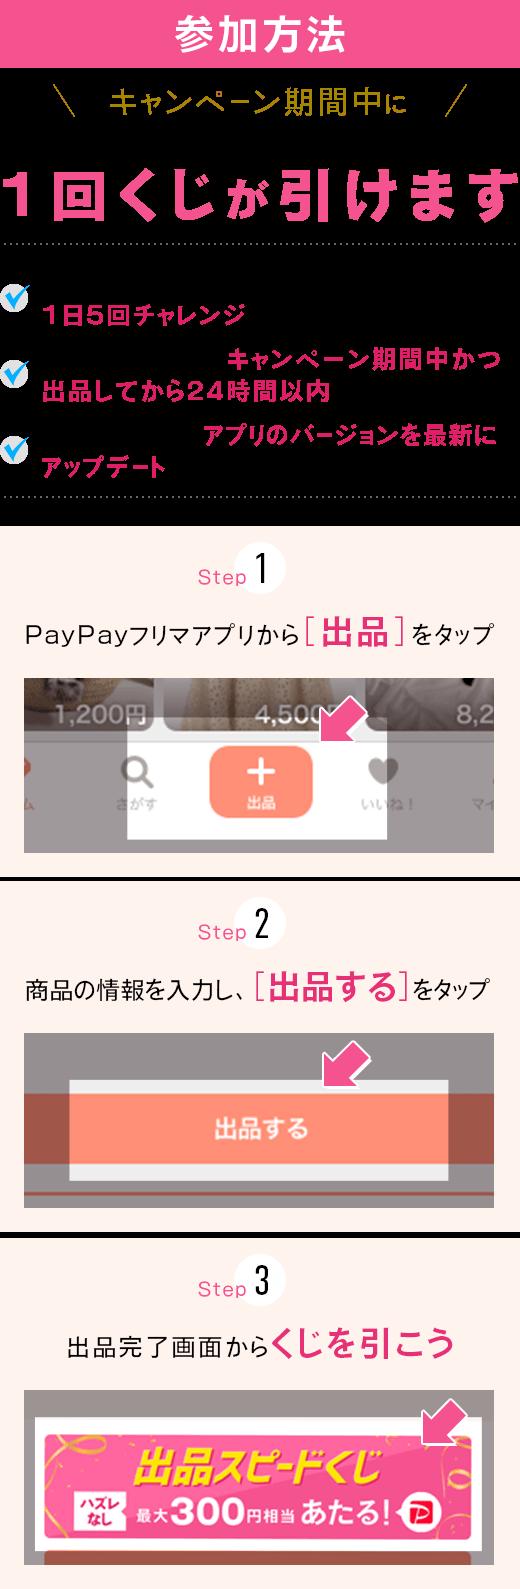 PayPayフリマで出品するたびに、くじが引けます